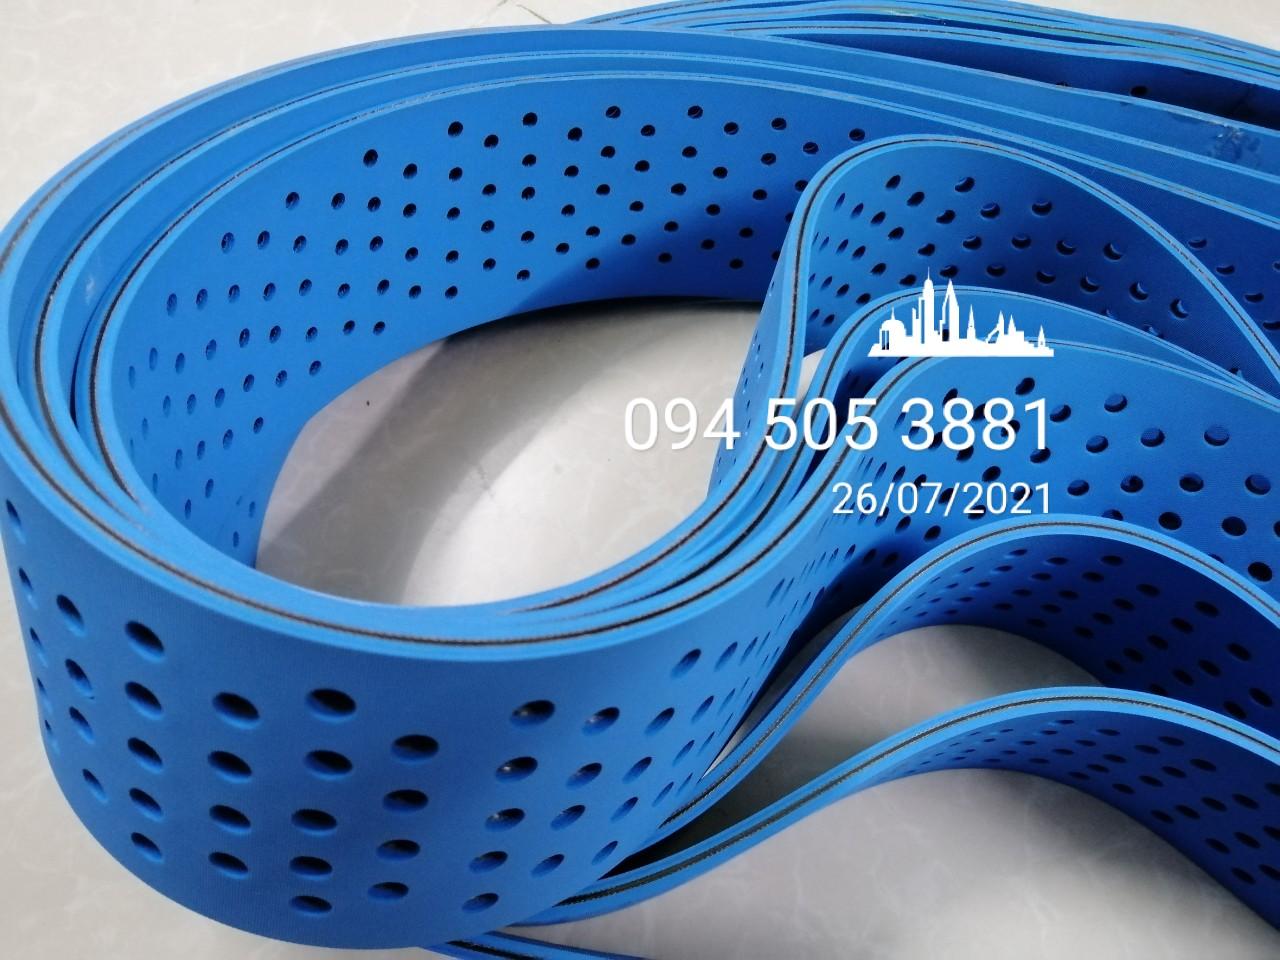 Dây đai dẹt xanh dương dầy 6mm đục lỗ | 6mm x W90 x CV1460mm| Dây đai Thiên Lộc